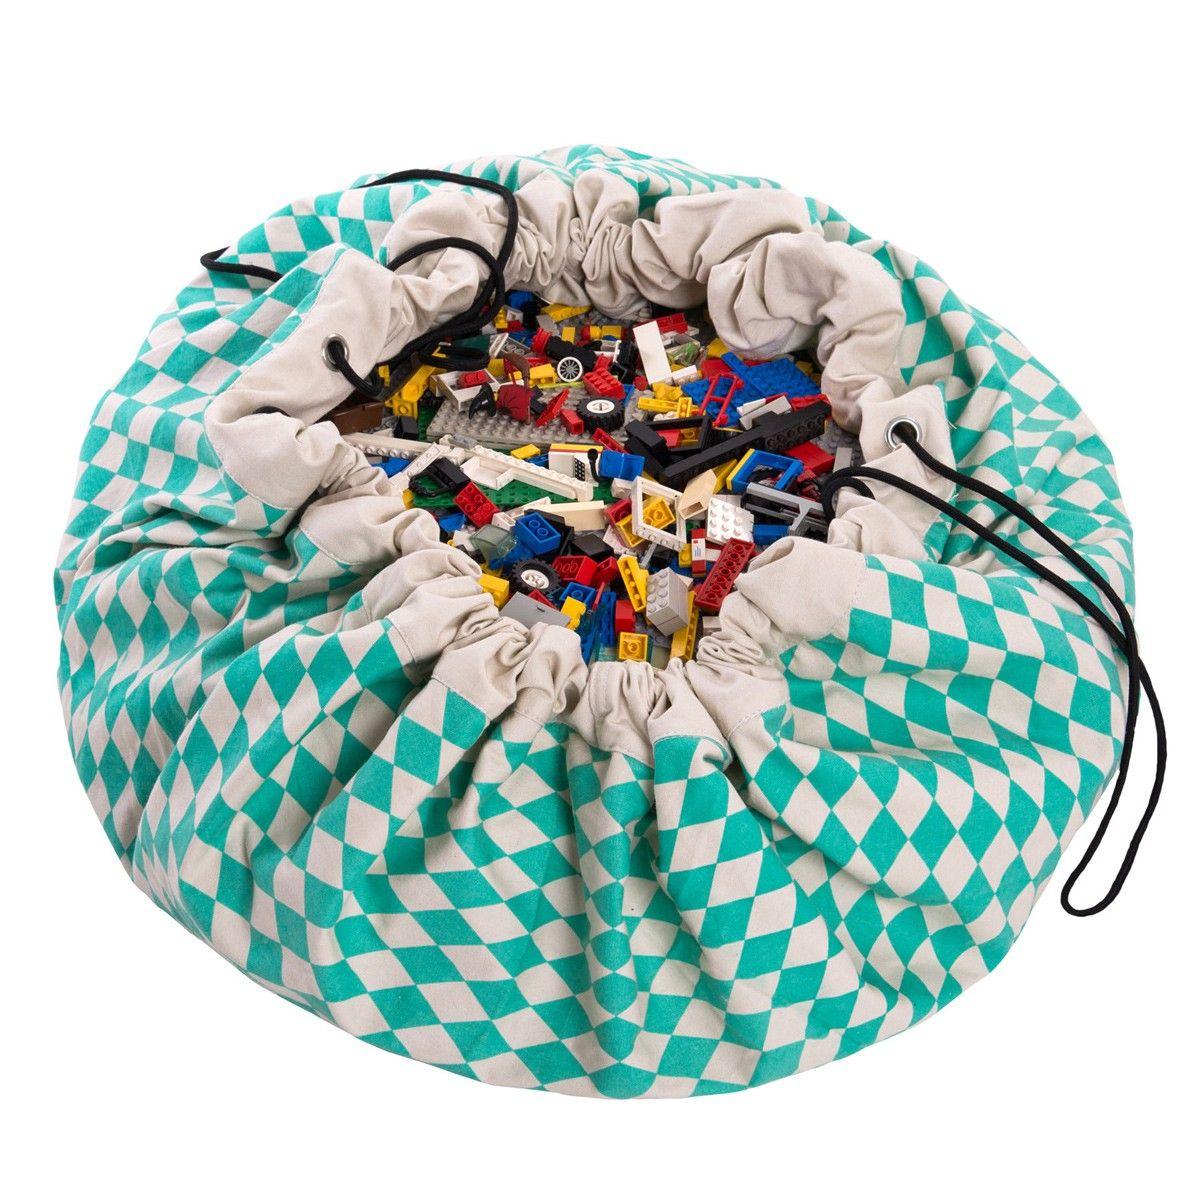 Spielteppich Kleines Karussell Play&Go Spielteppich